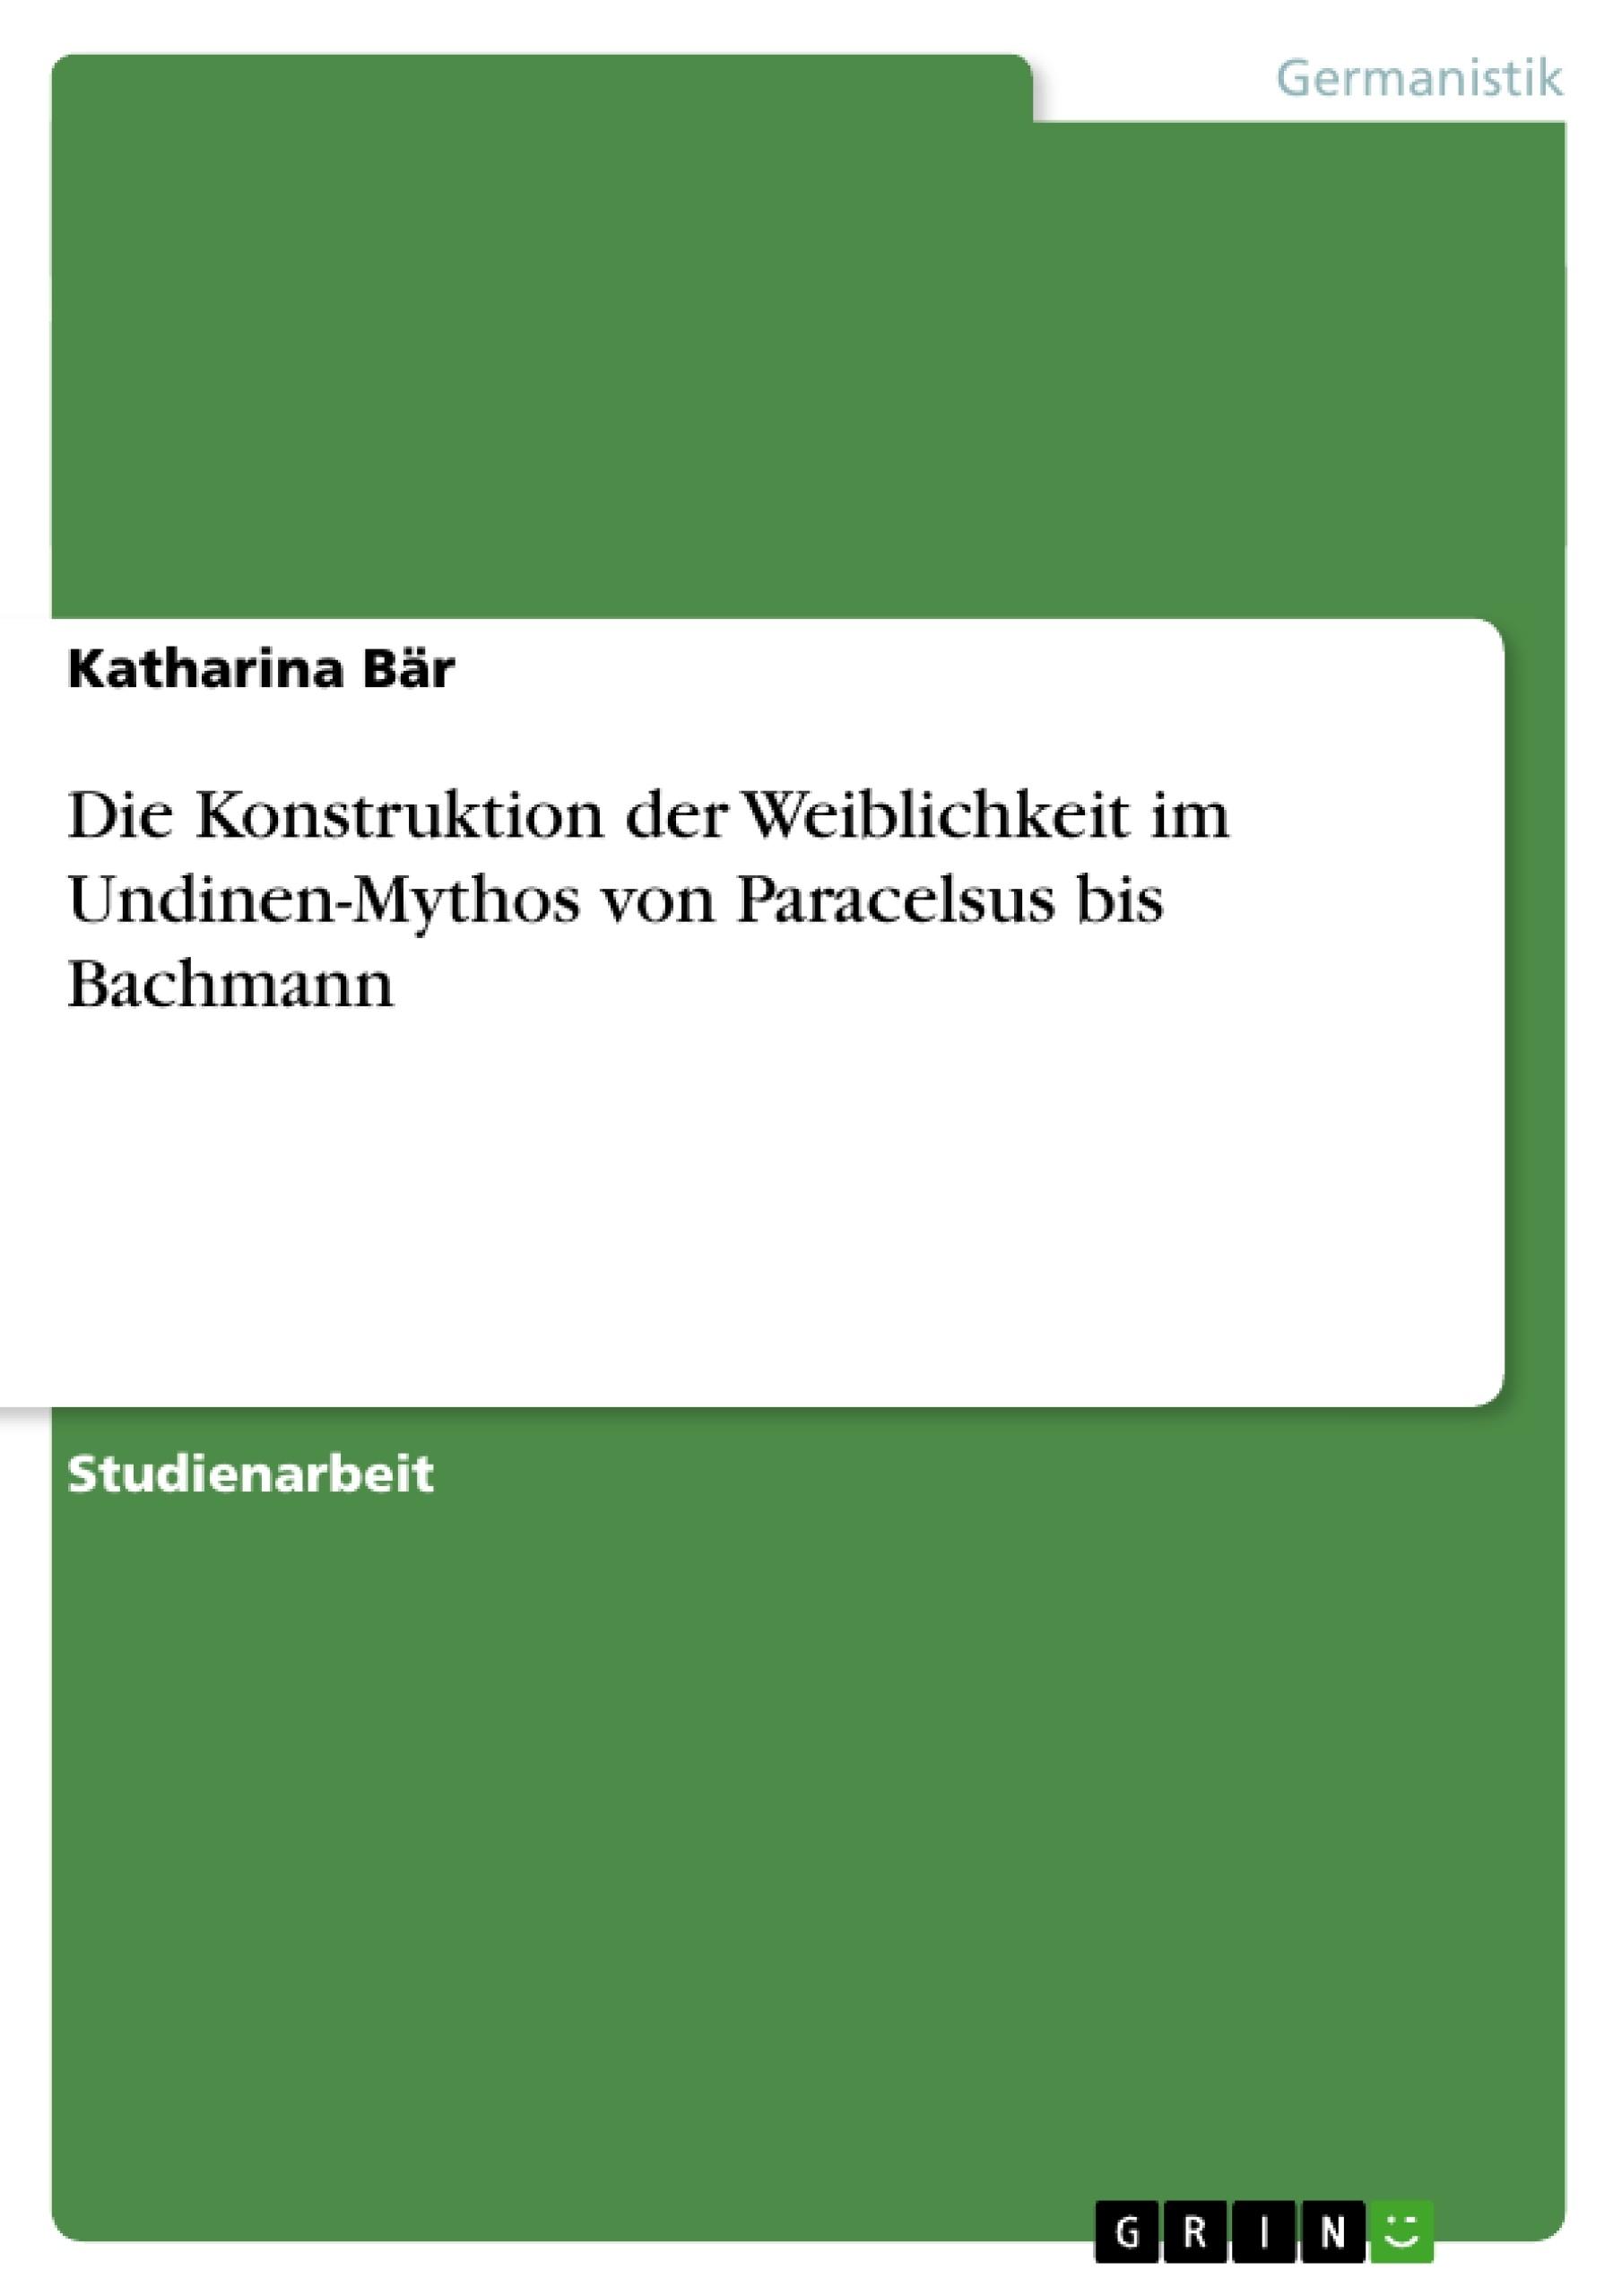 Titel: Die Konstruktion der Weiblichkeit im Undinen-Mythos von Paracelsus bis Bachmann